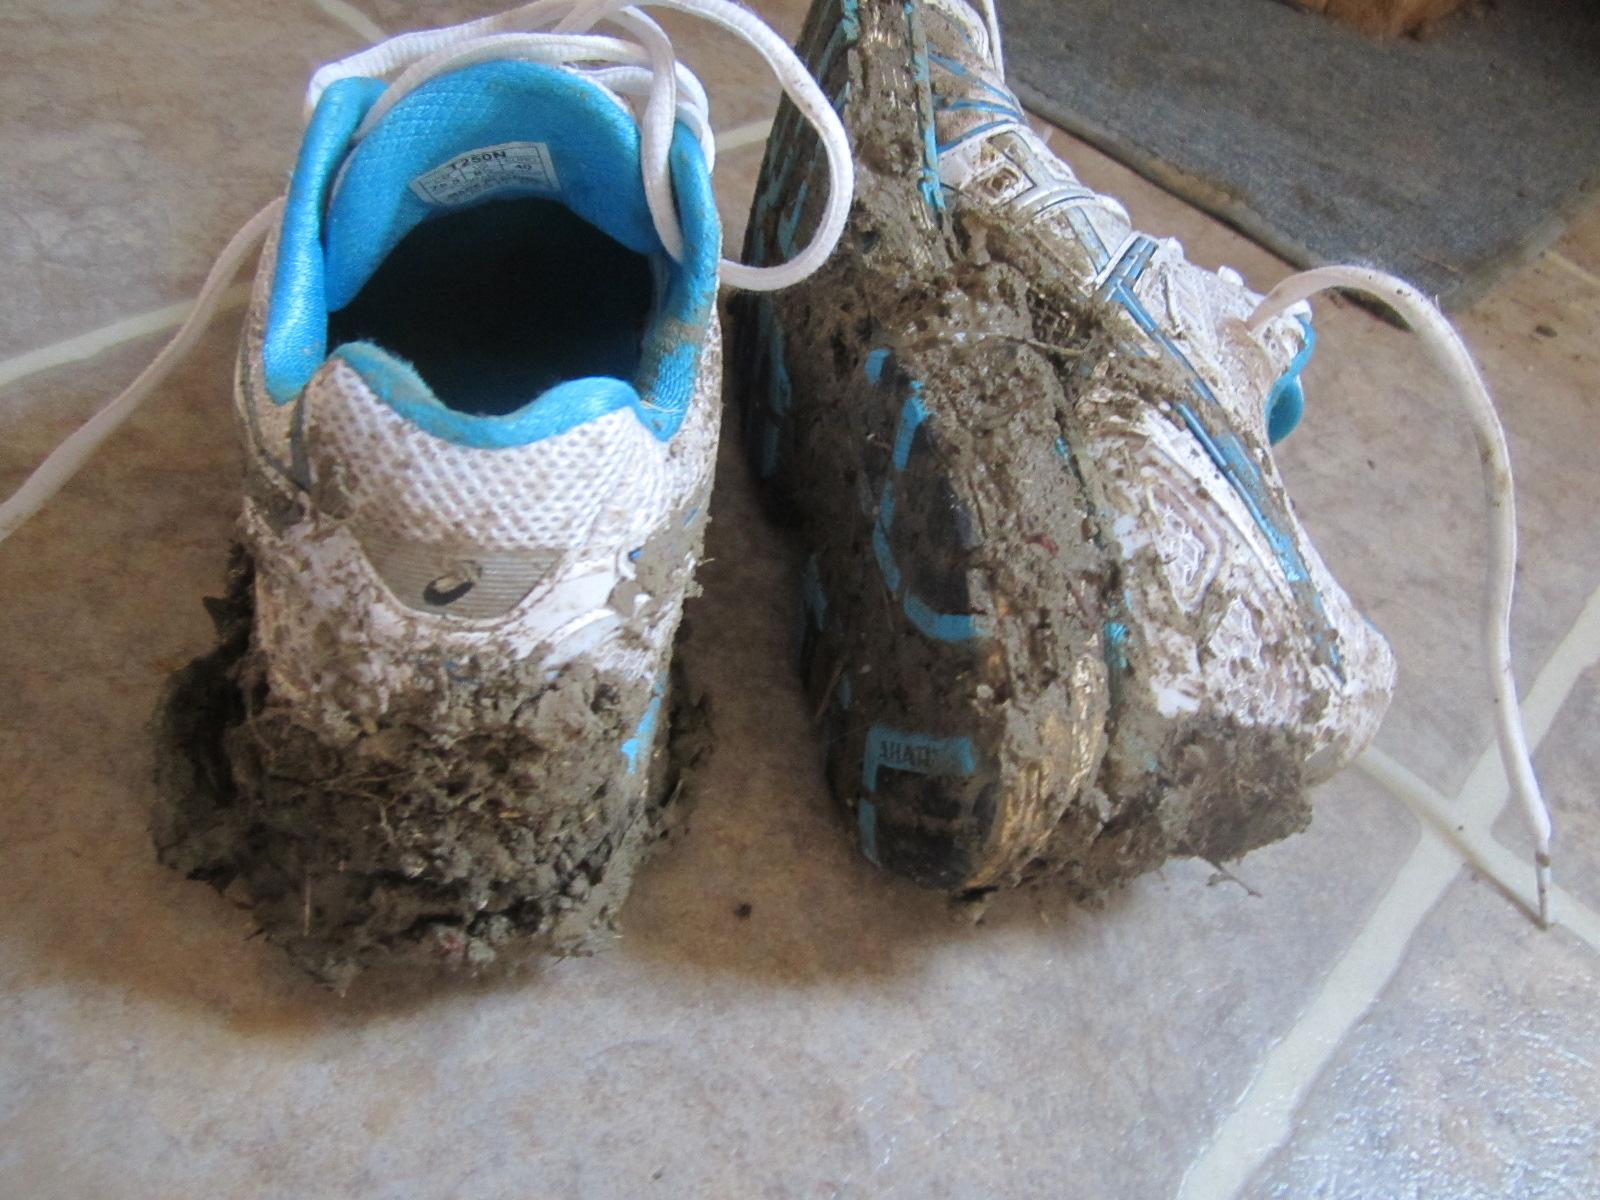 Перед началом стирки нужно будет хорошо почистить кроссовки от загрязнений на их внешней стороне